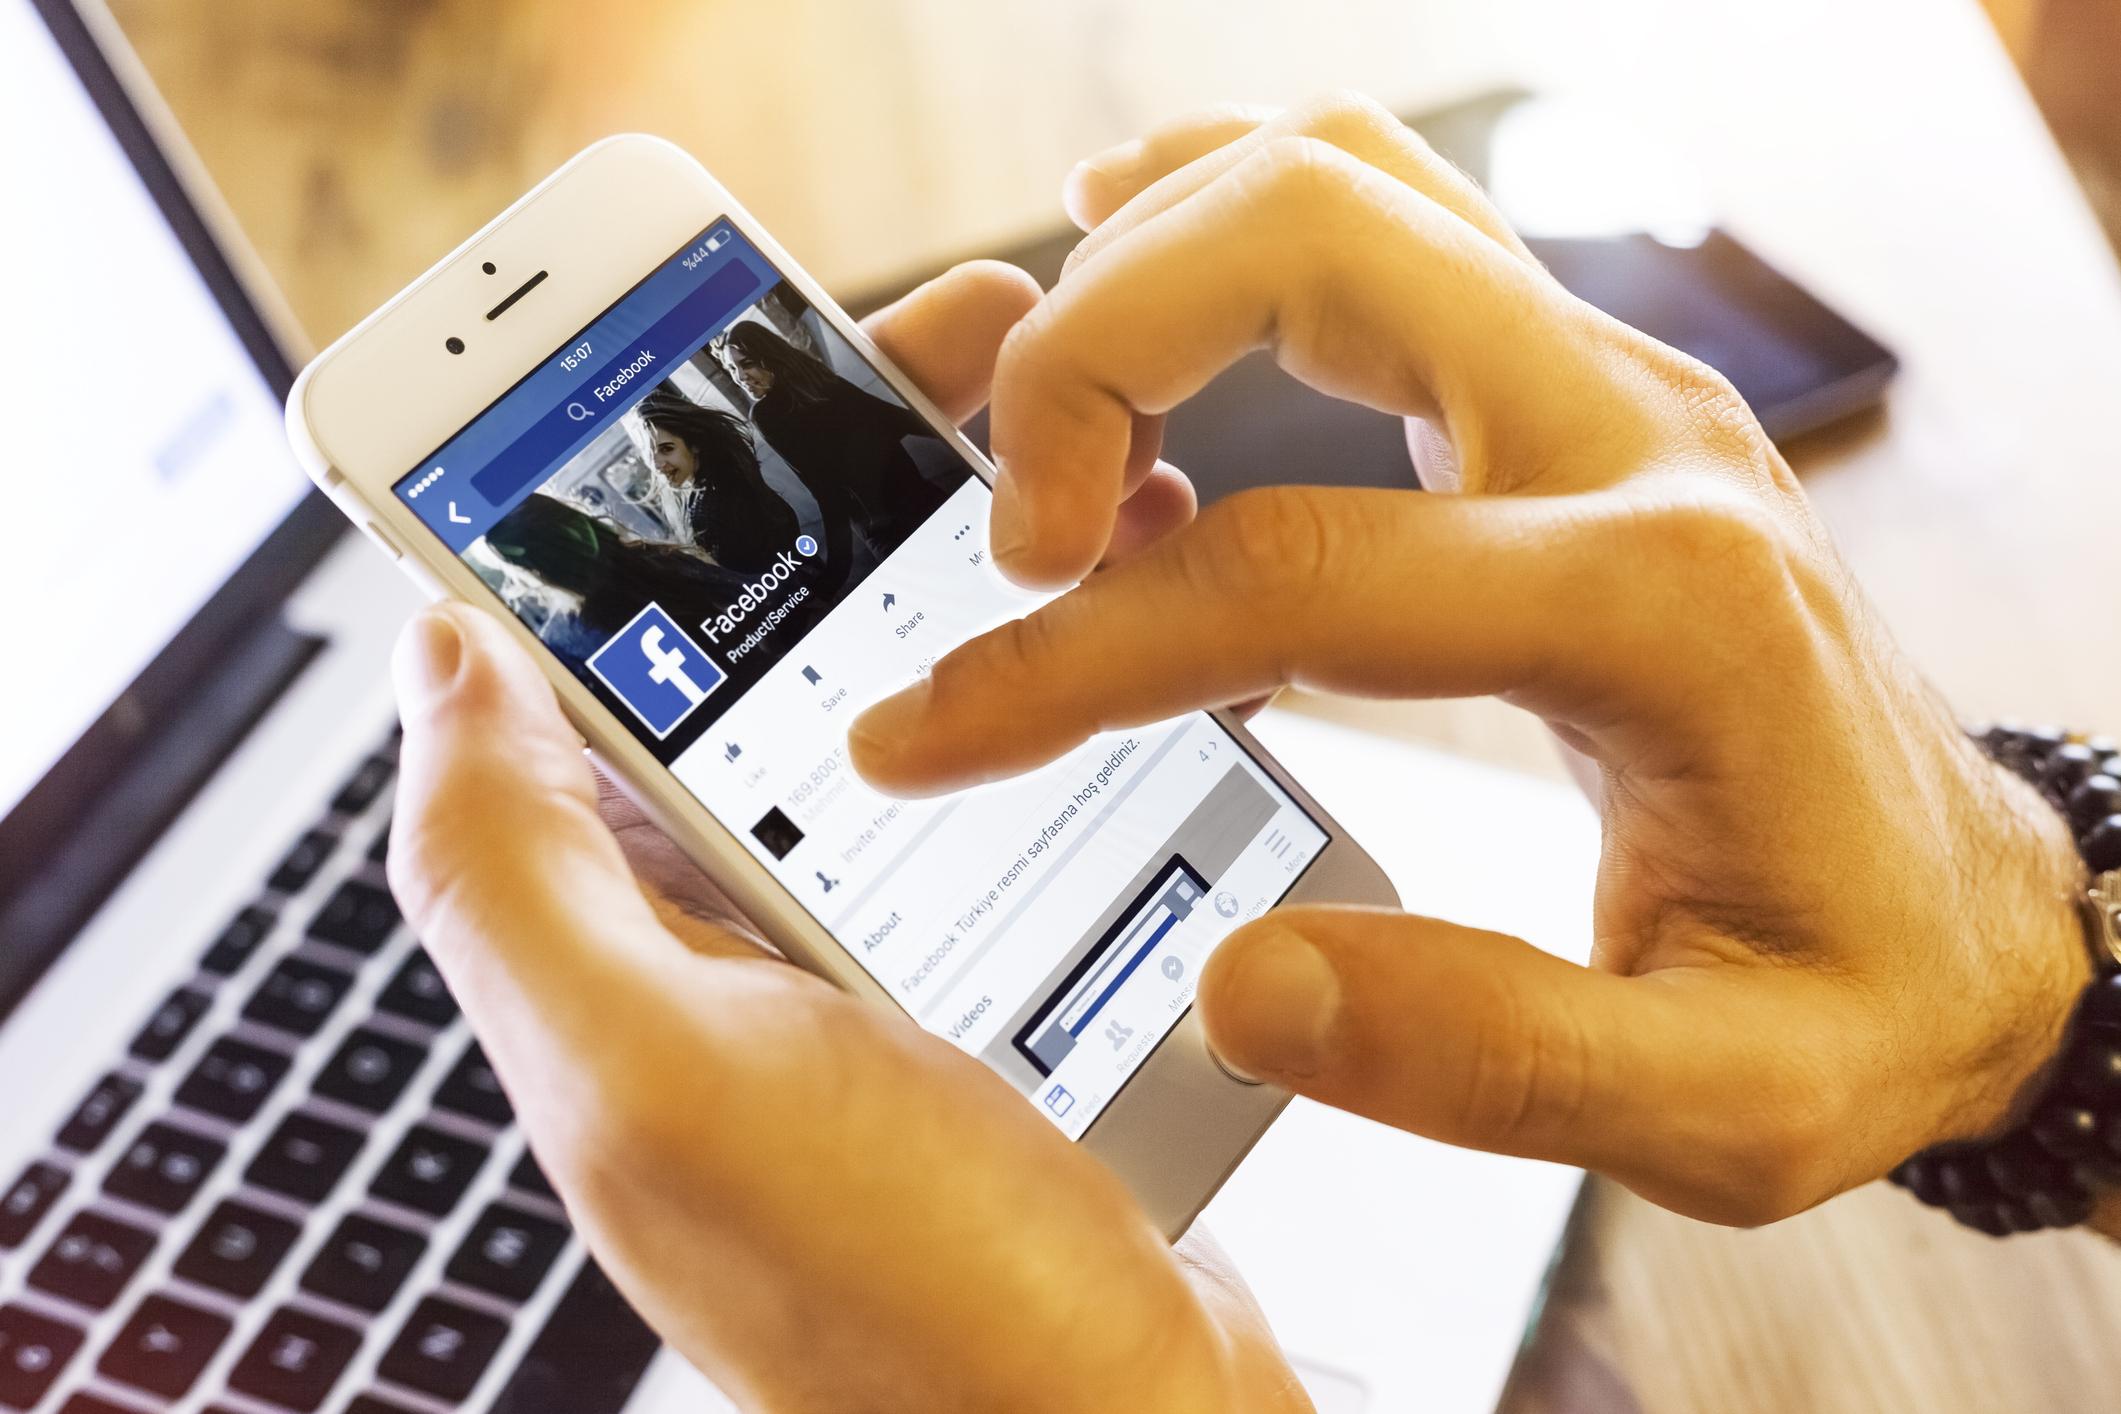 Инженеры Facebook исправили брешь, через которую могли утекать личные данные